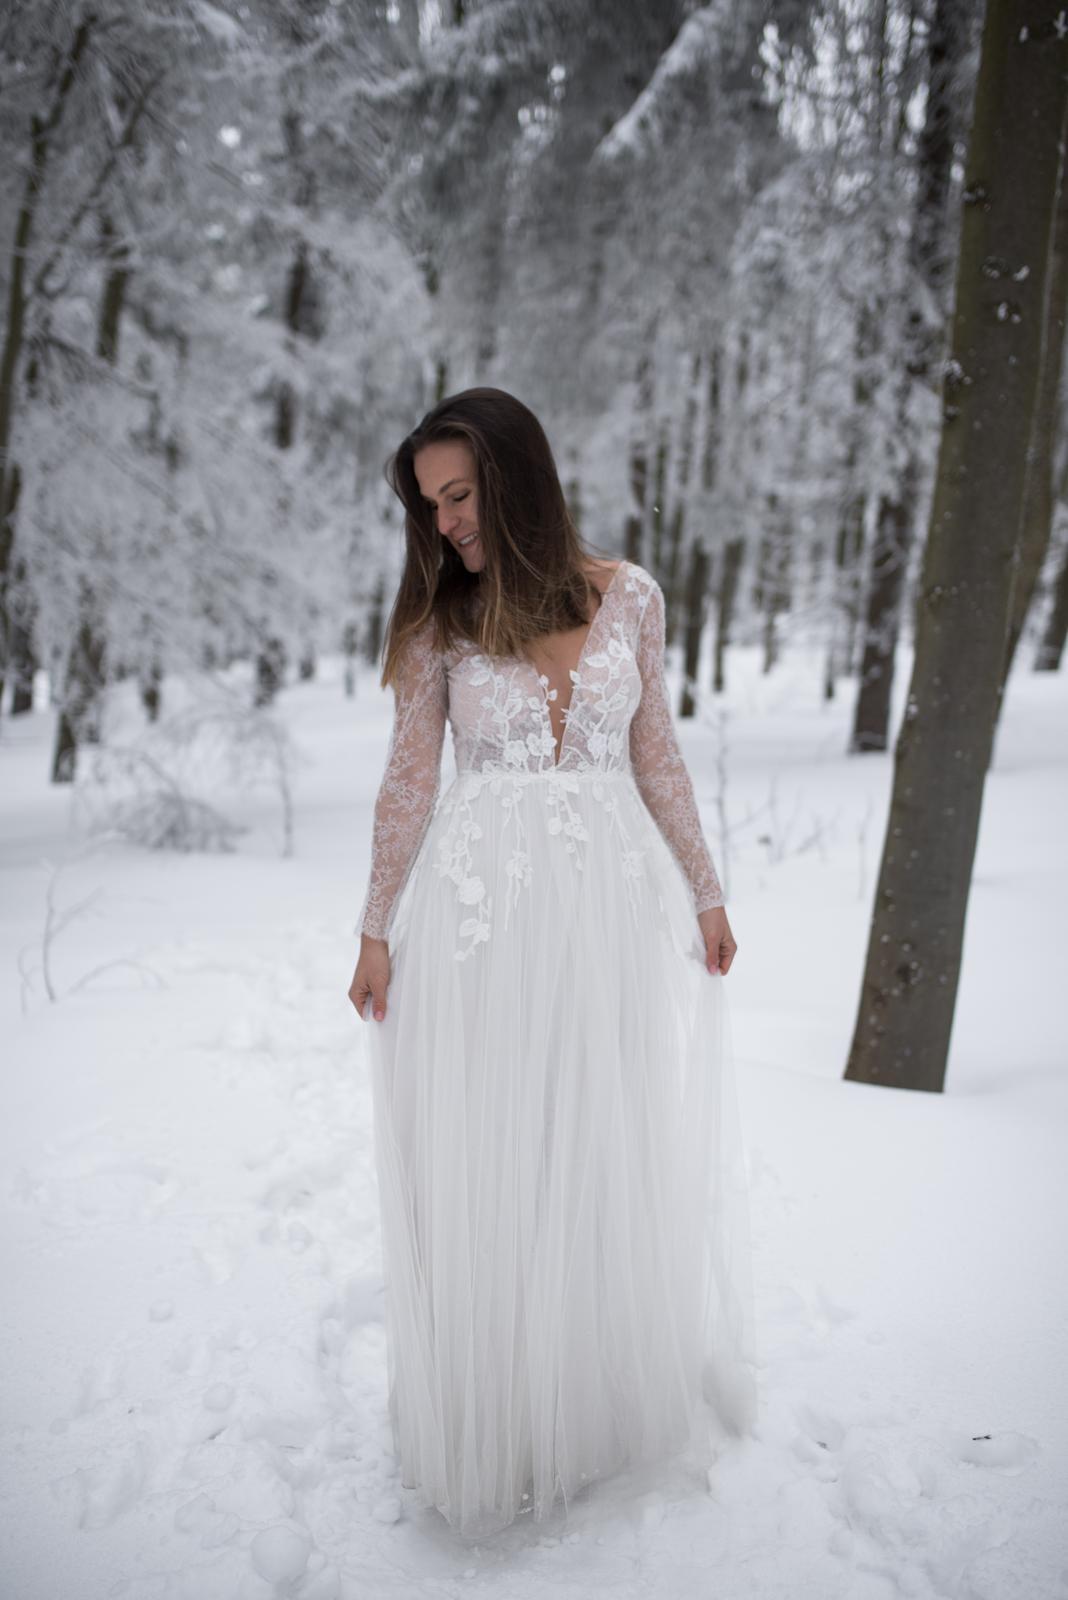 Anna Kara svadobne saty model Jude kolekcia 2020 - Obrázok č. 2